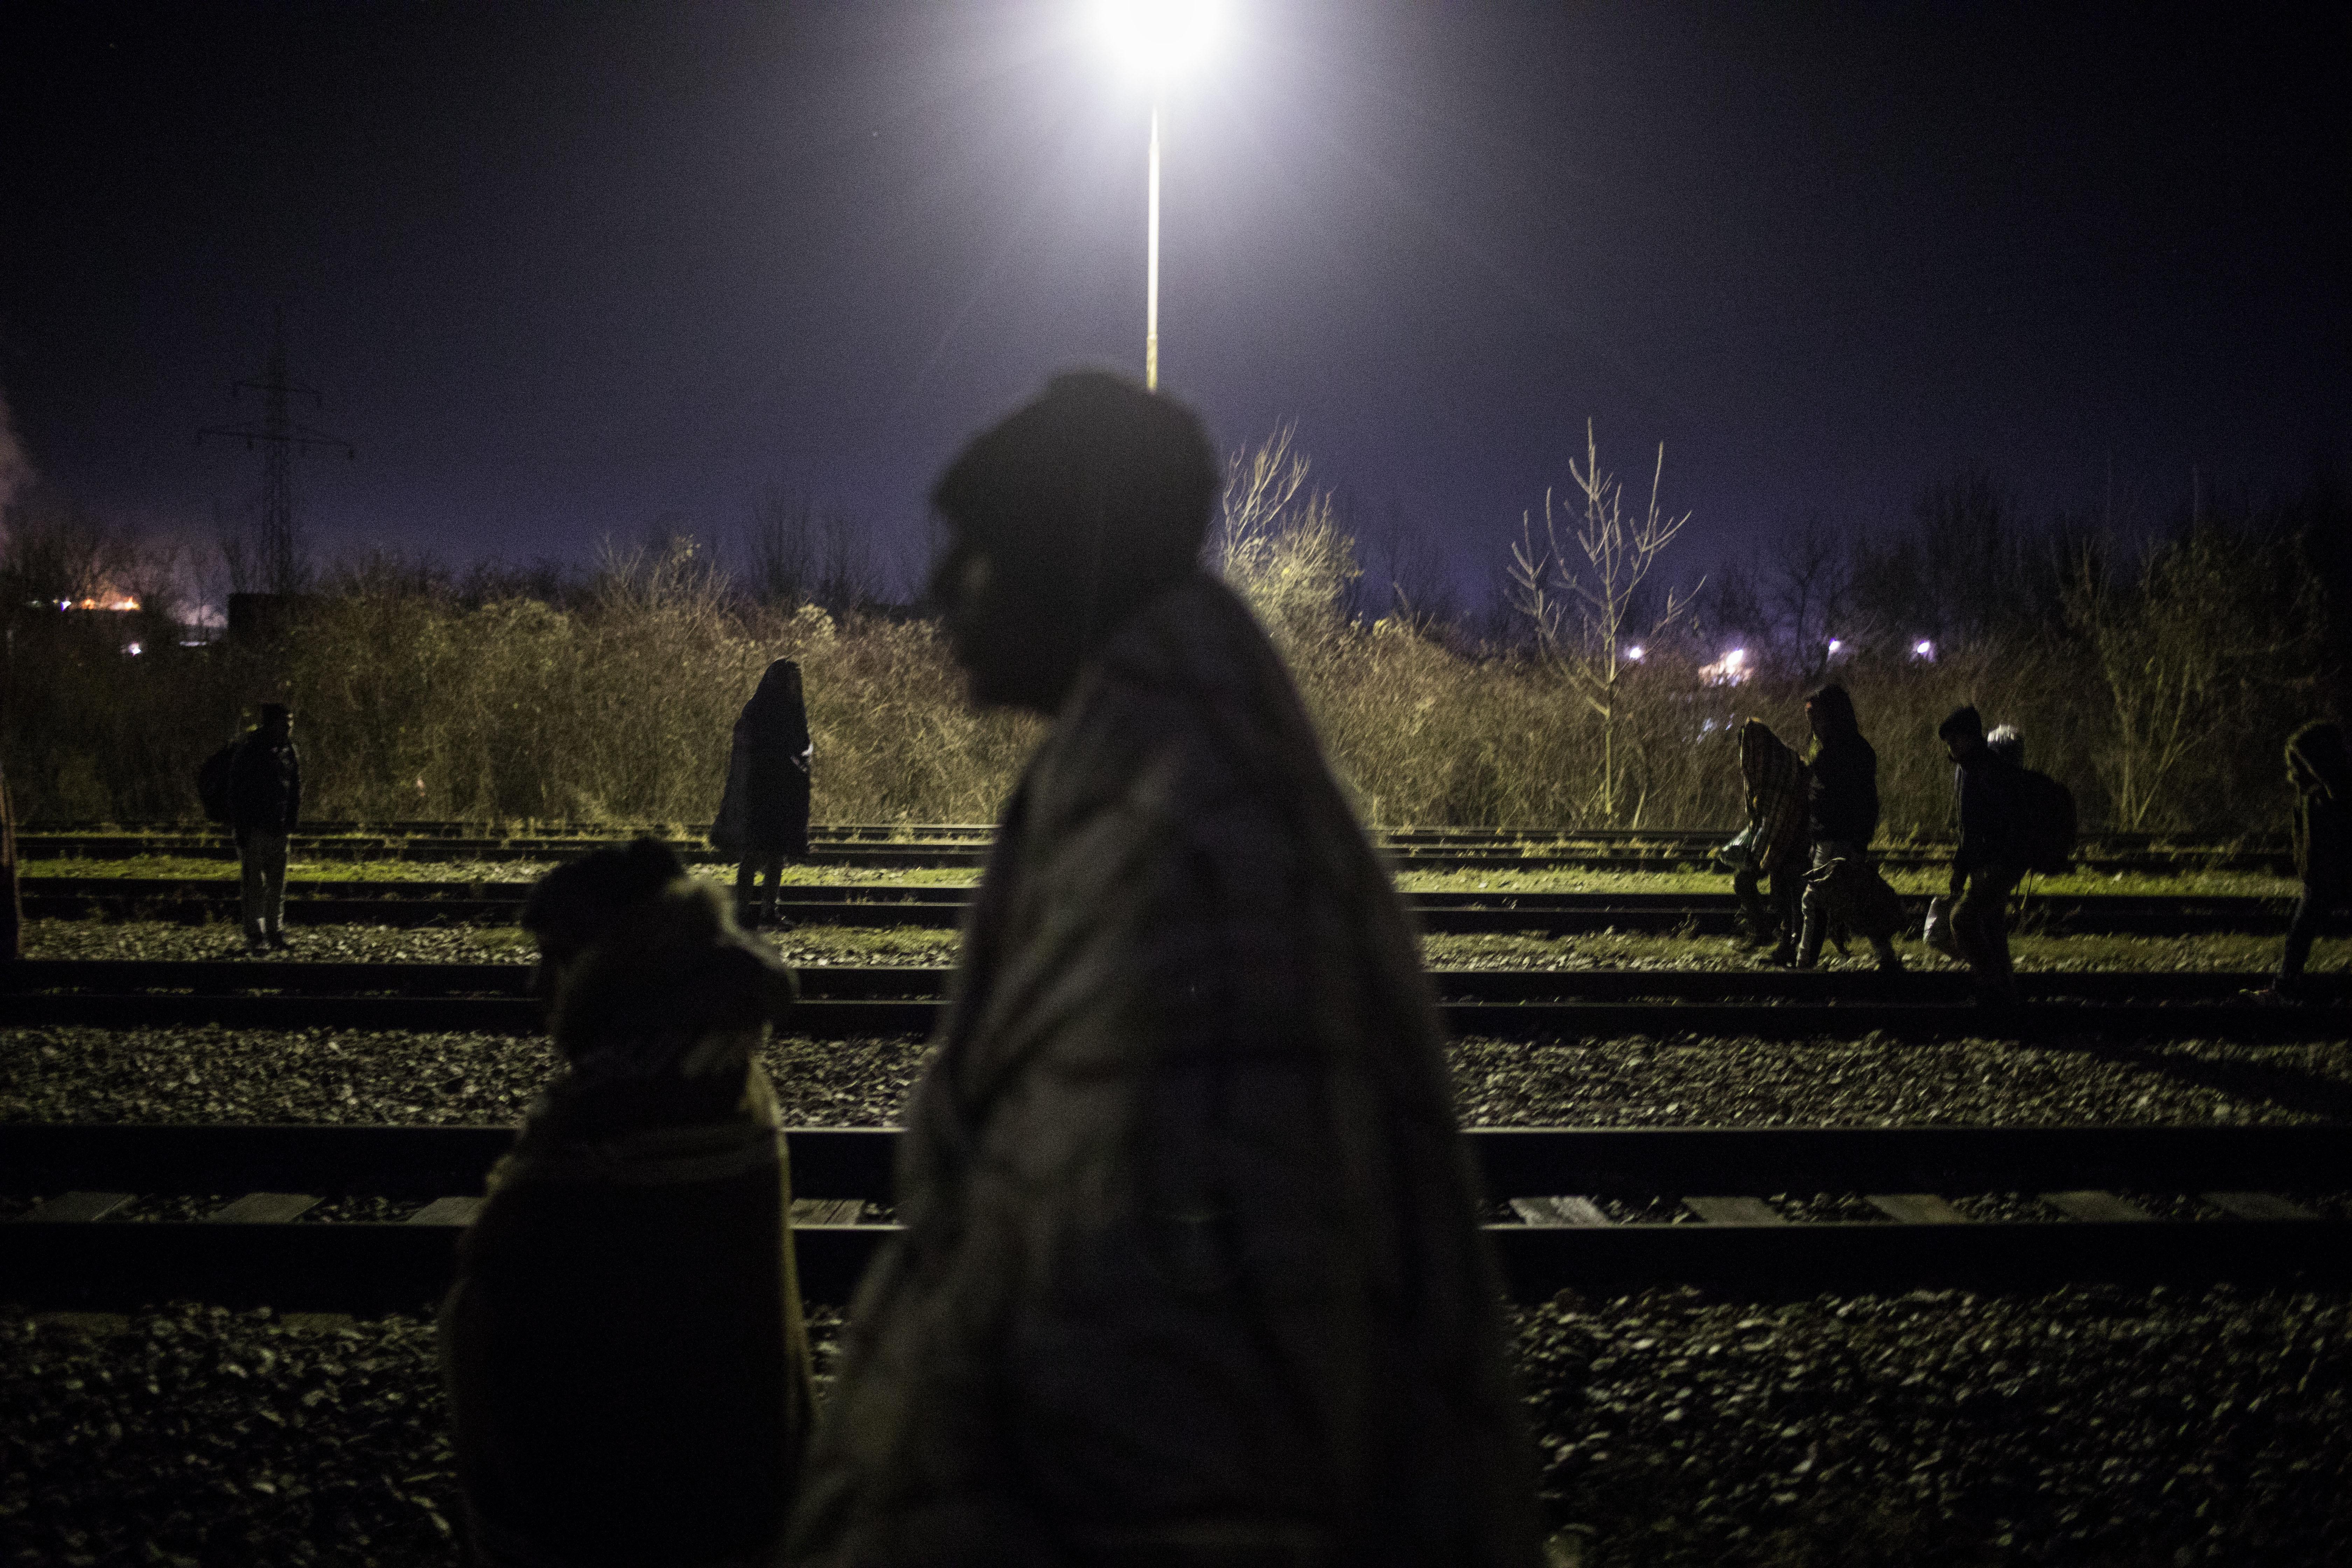 Going west, migrants wander through Bosnia in Balkan winter